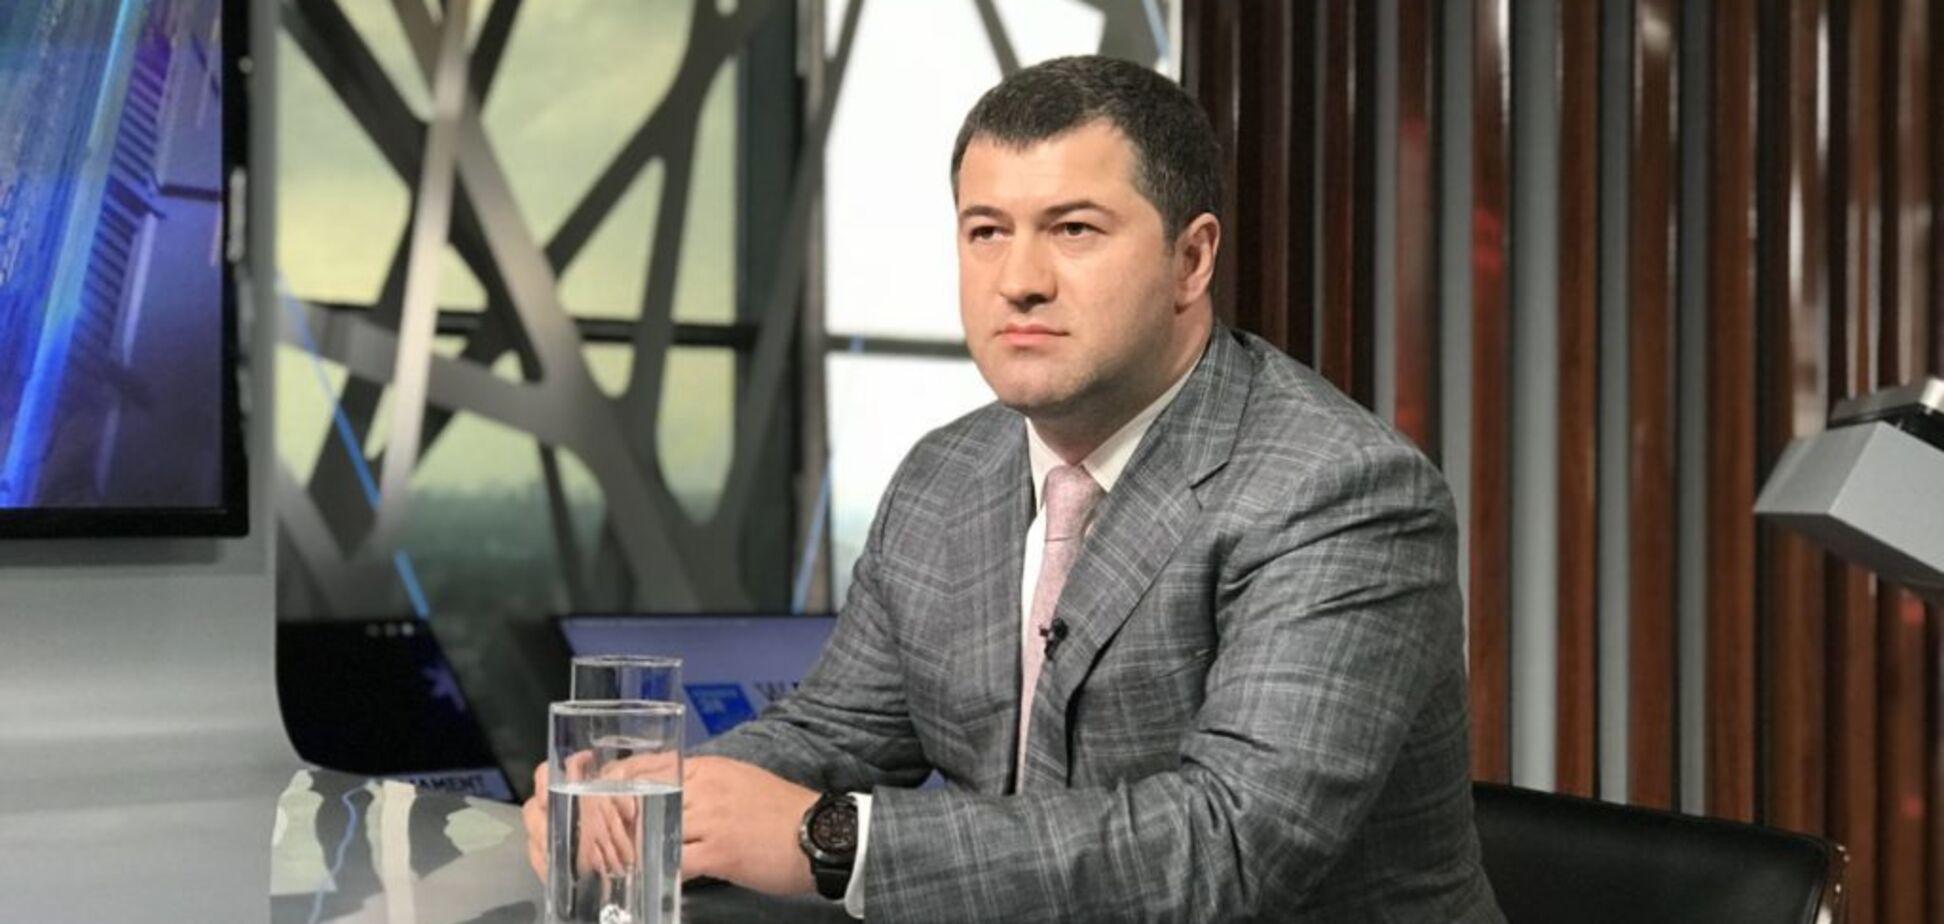 Налог на выведенный капитал нужно вводить параллельно с нулевой декларацией - Насиров